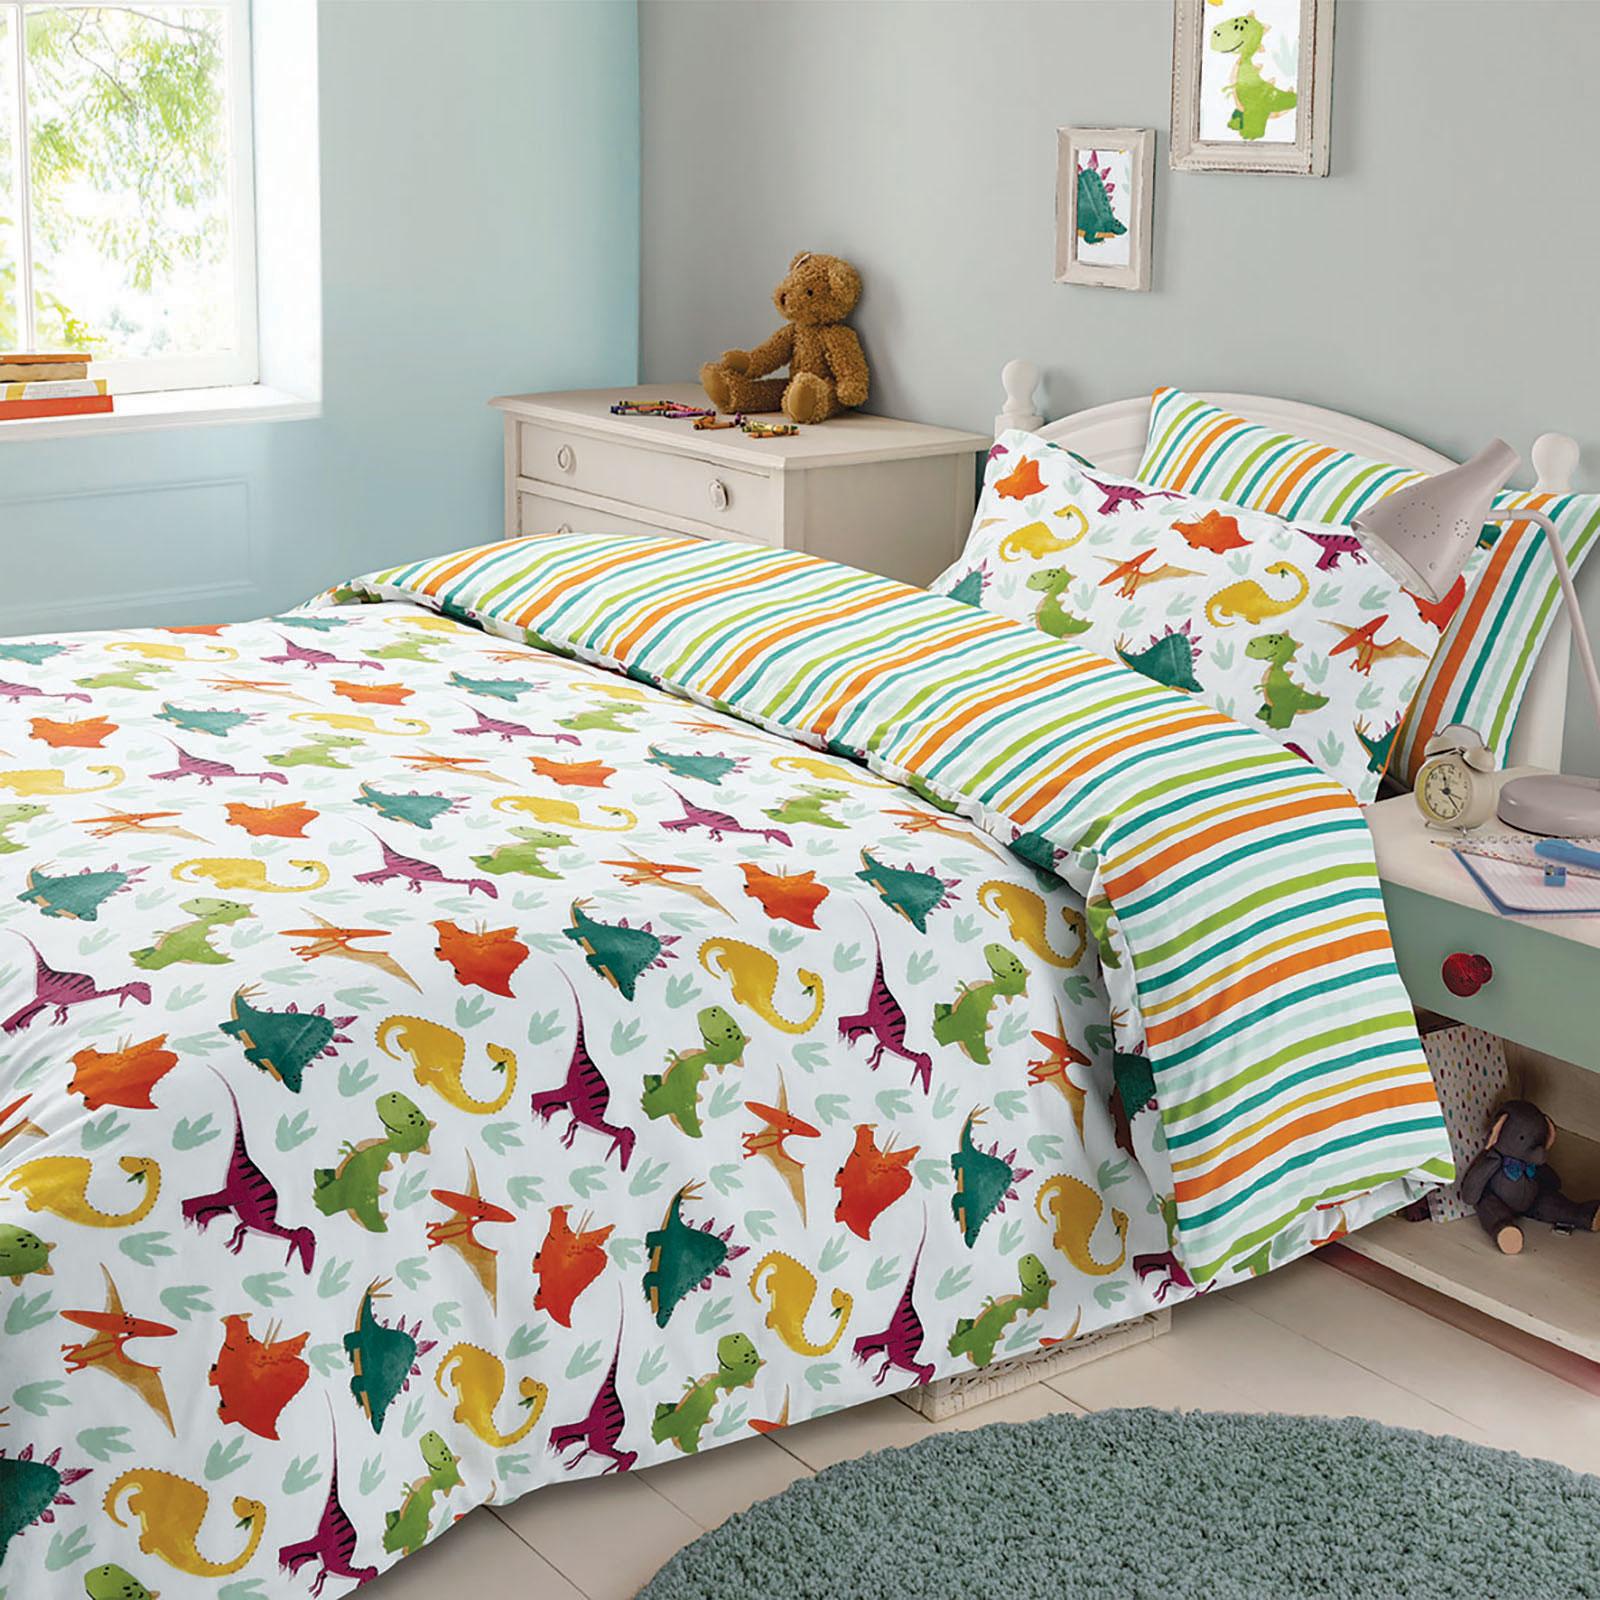 Dreamscene Dinosaur Duvet Cover Pillowcase Children's Bedding Set Stripes Single Double RTBIKSM